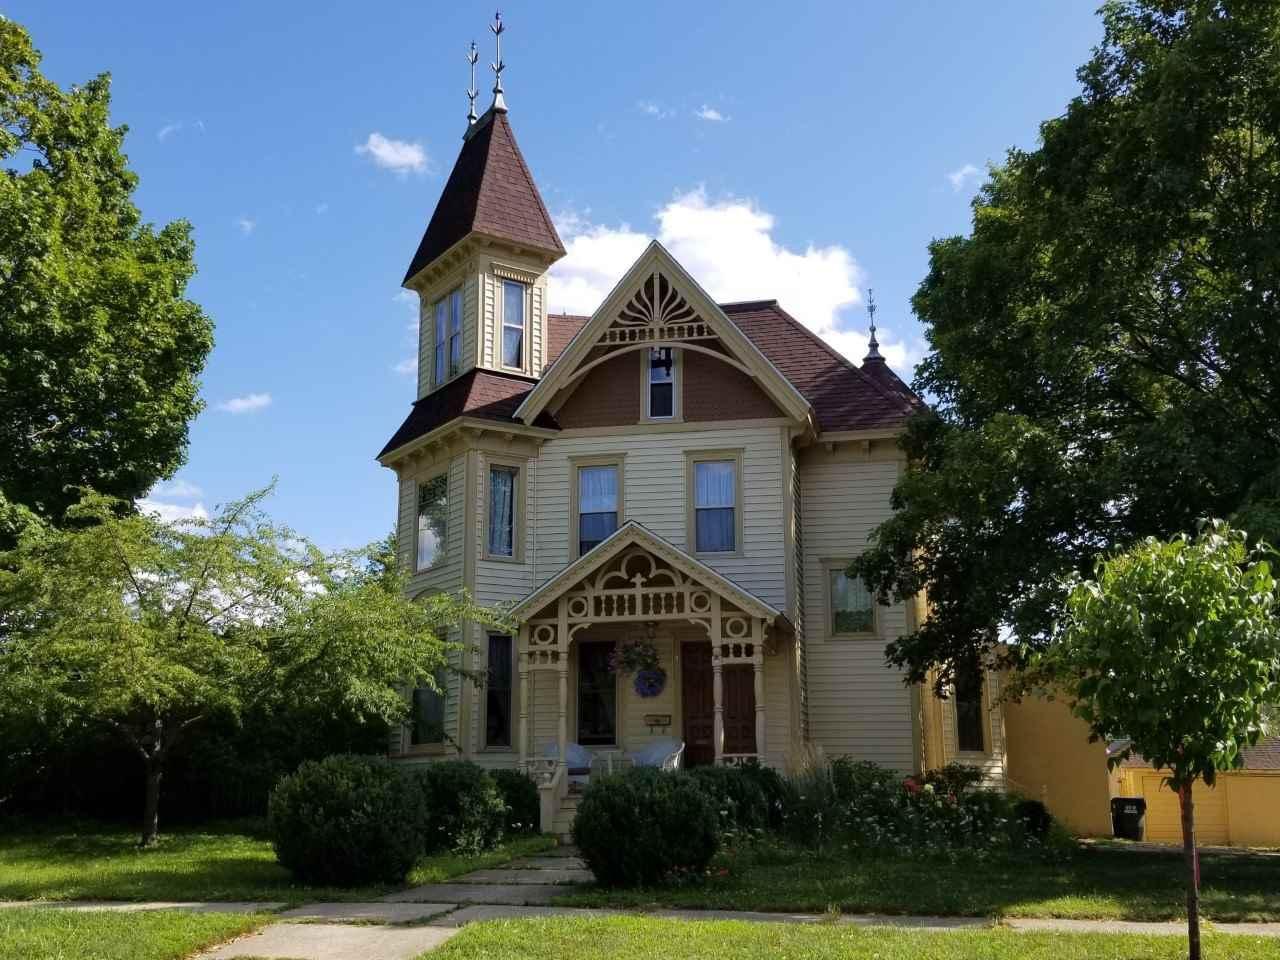 314 W Franklin St, Portage, WI 53901 - MLS#: 1878035